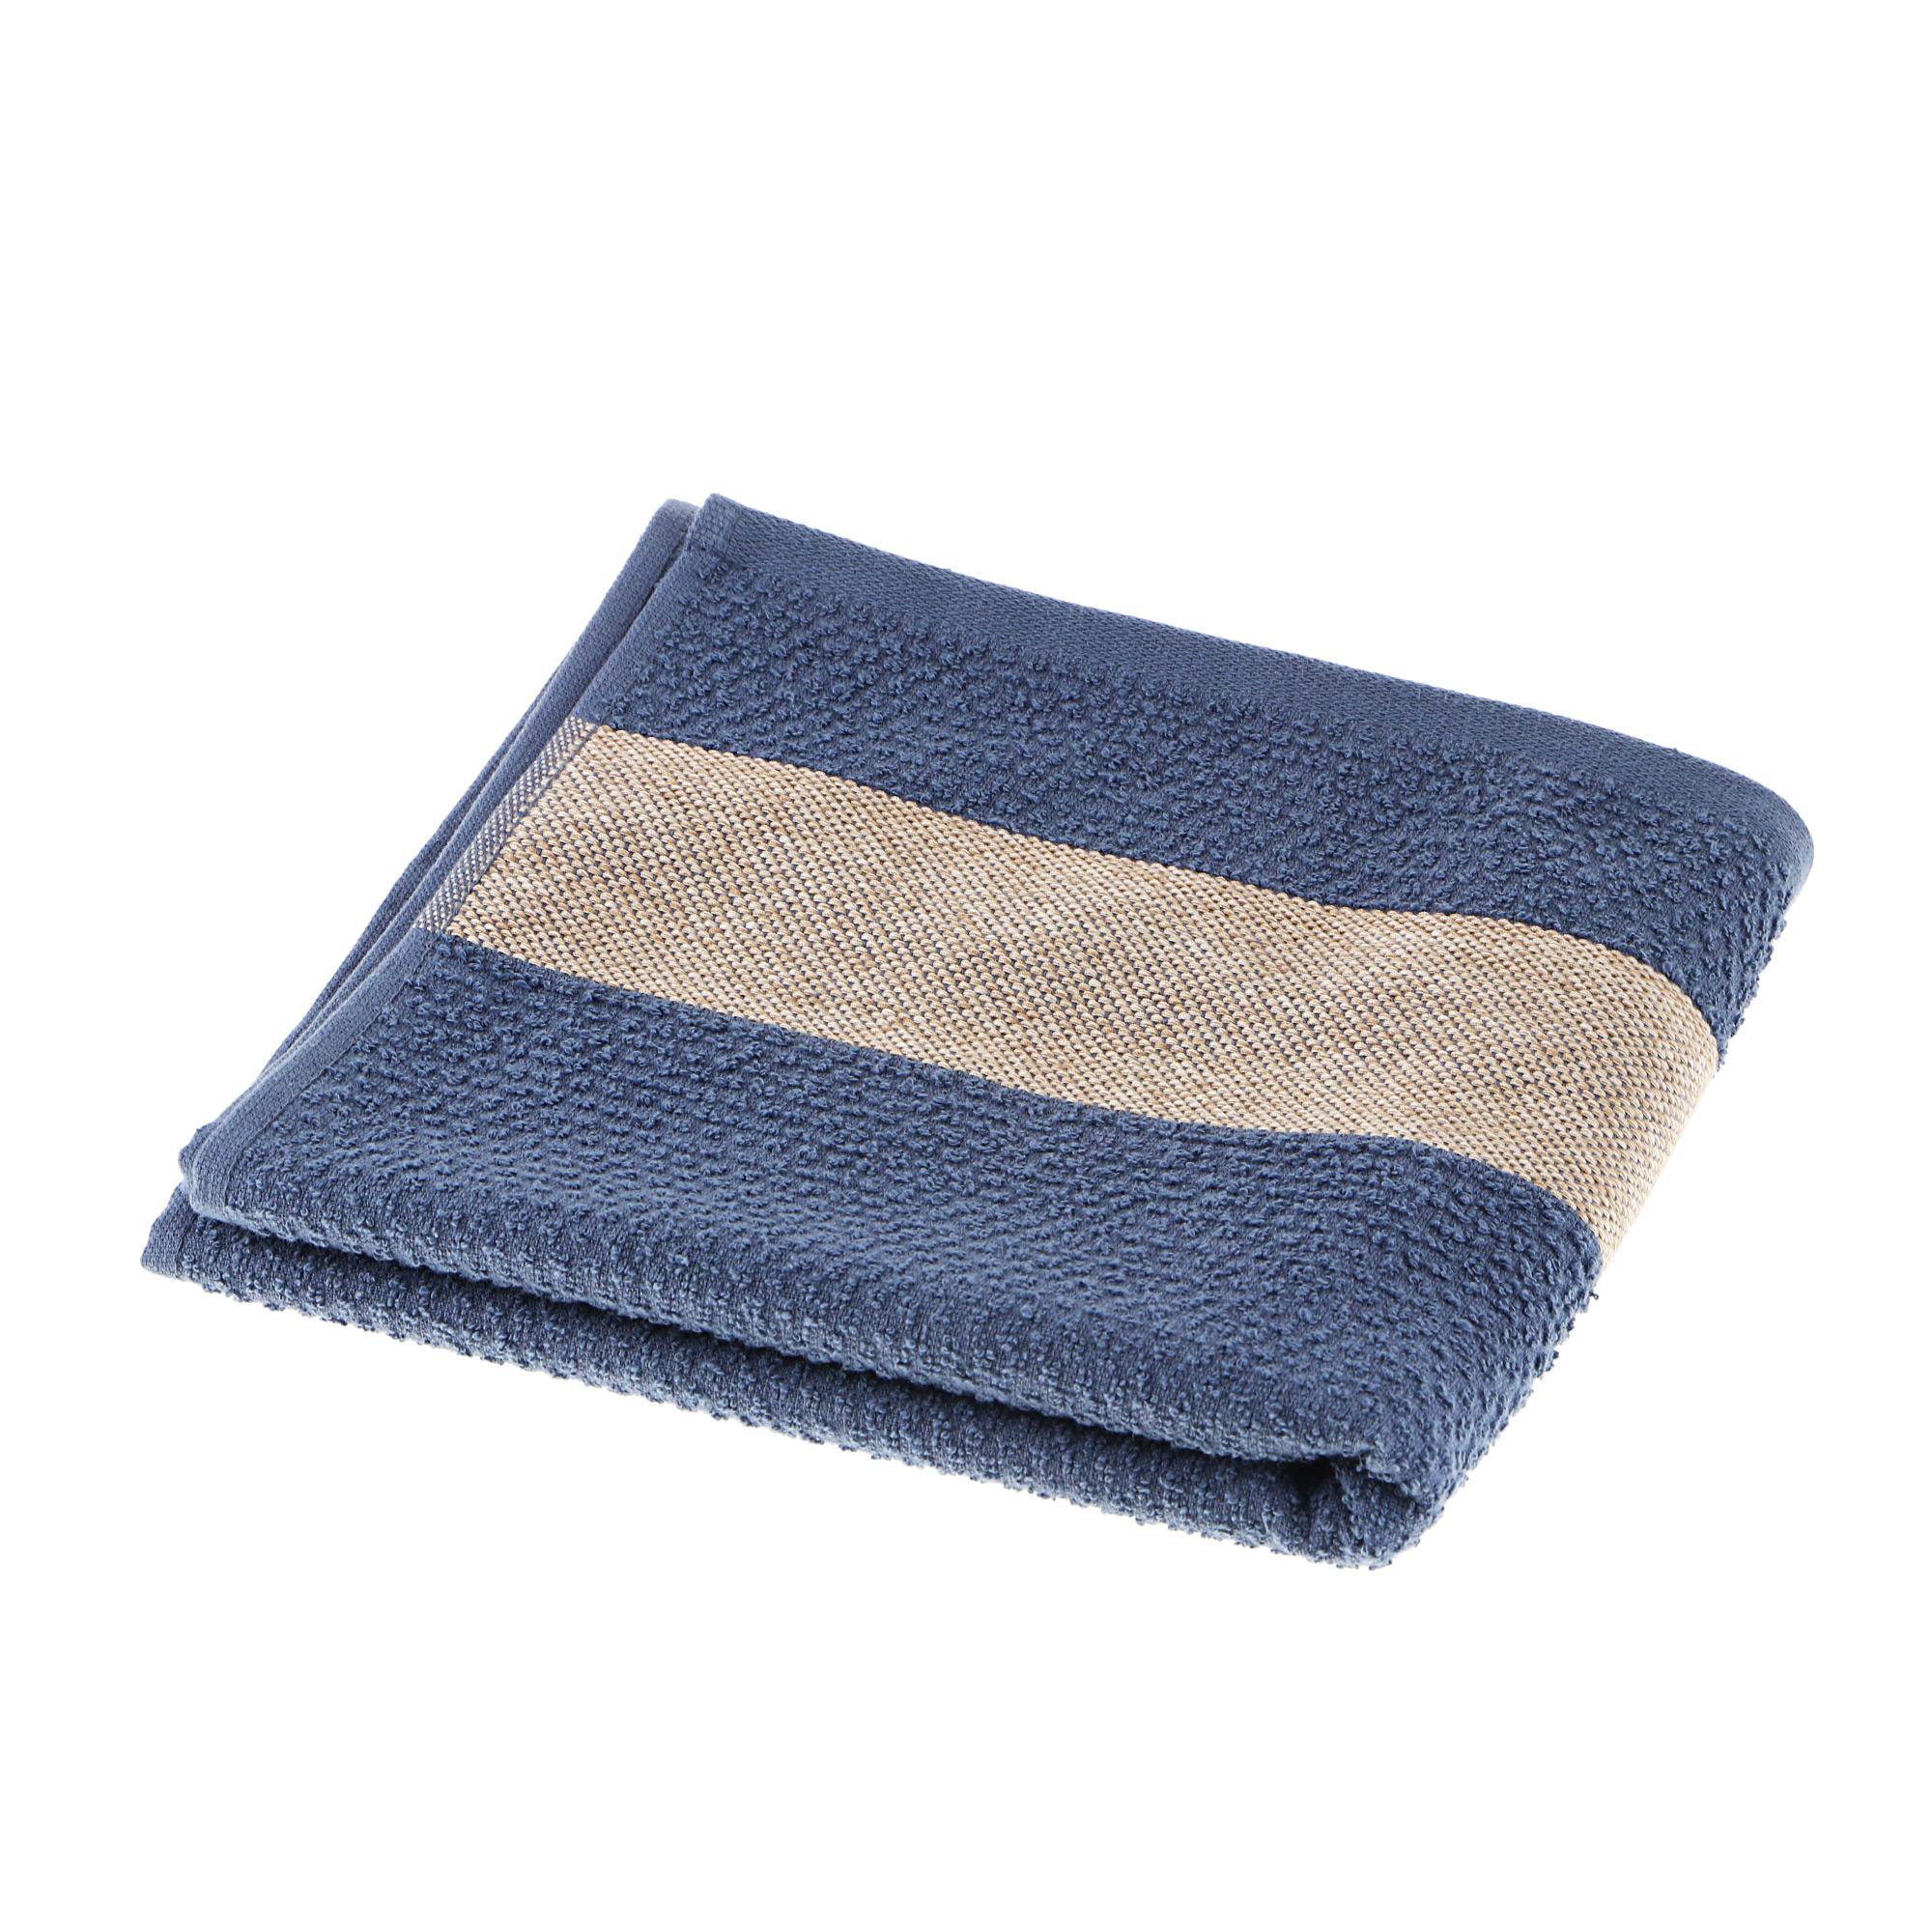 Фото - Полотенце махровое Asil woody 100x150 d.blue полотенце valentini 100x150 aqua 1228